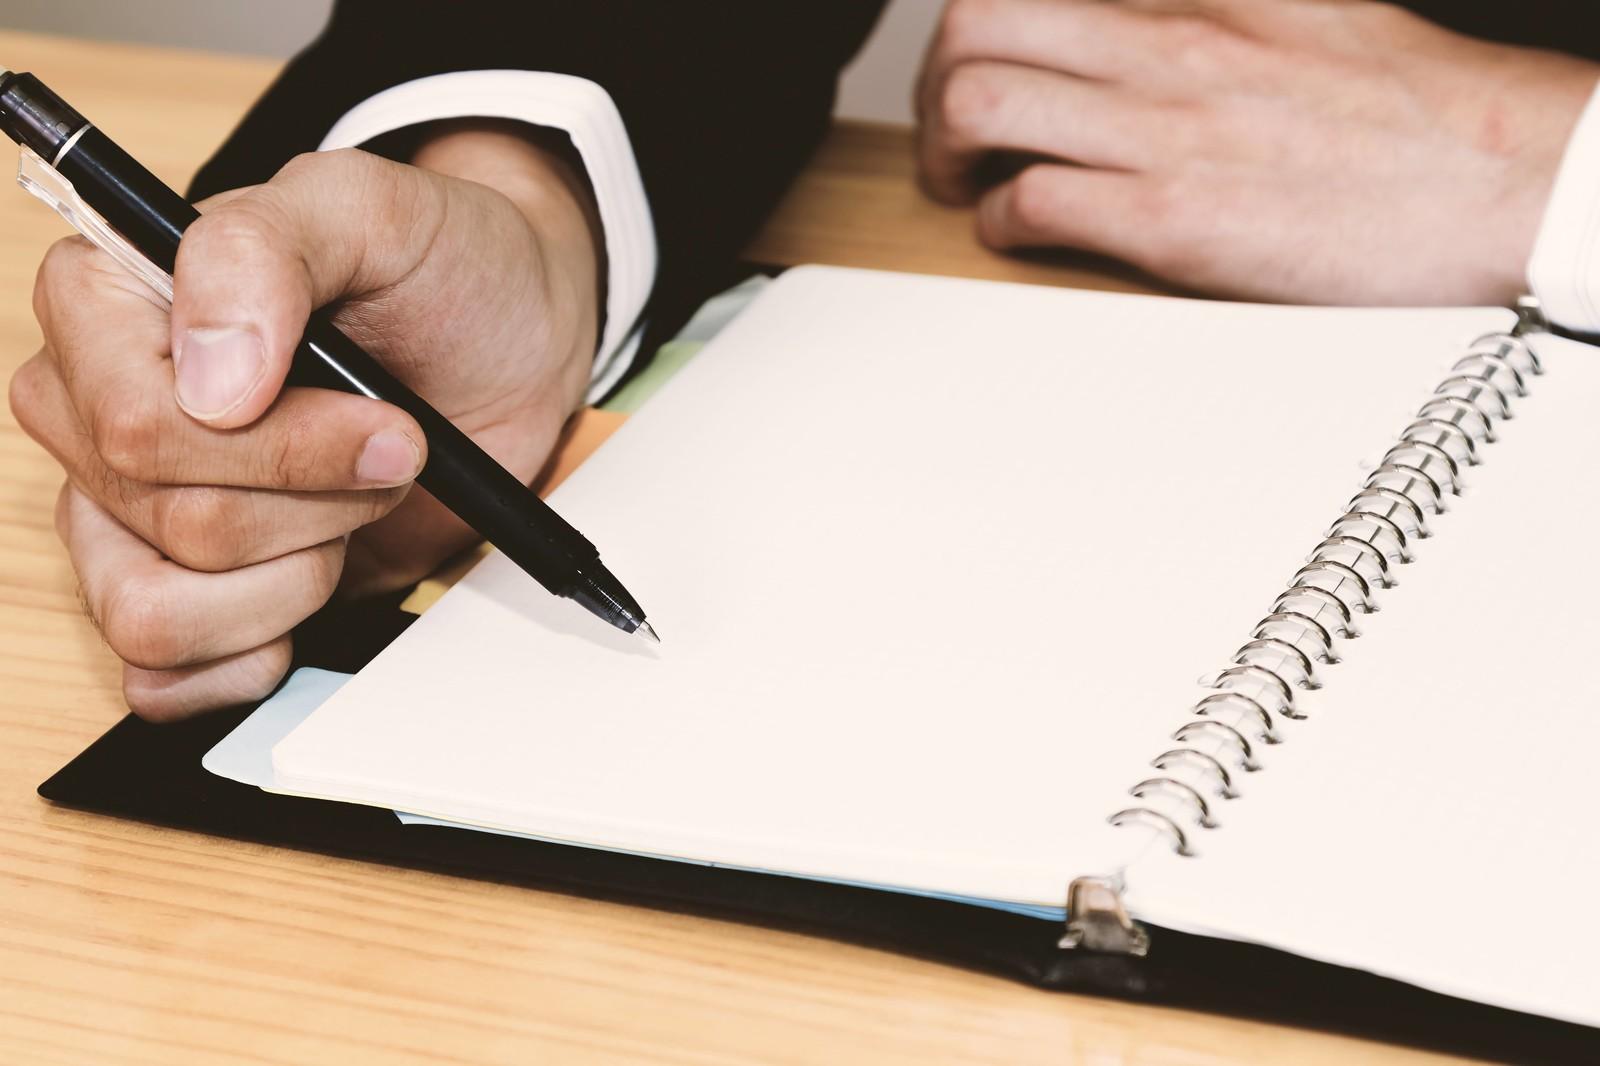 社労士試験の学習スケジュール戦略